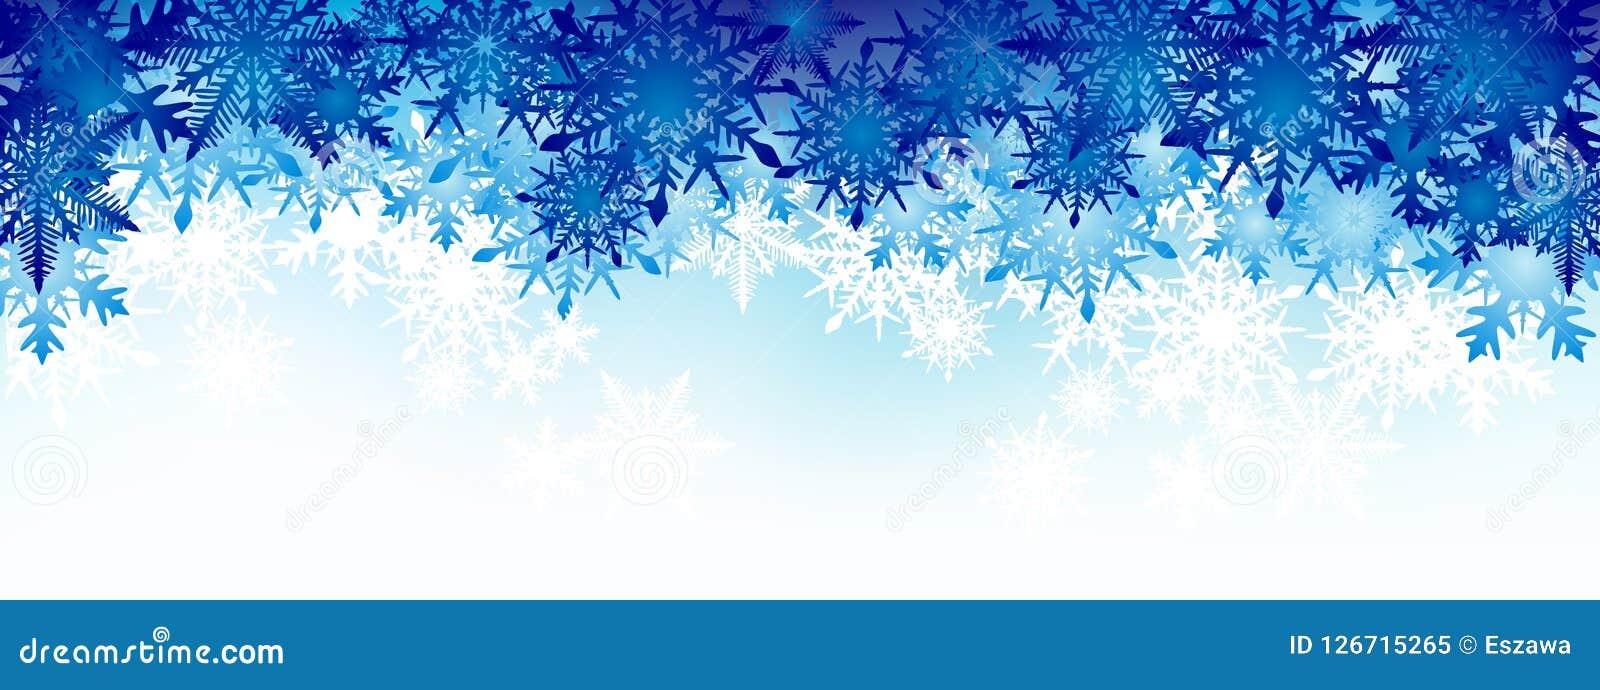 Fundo do inverno, flocos de neve - ilustração do vetor